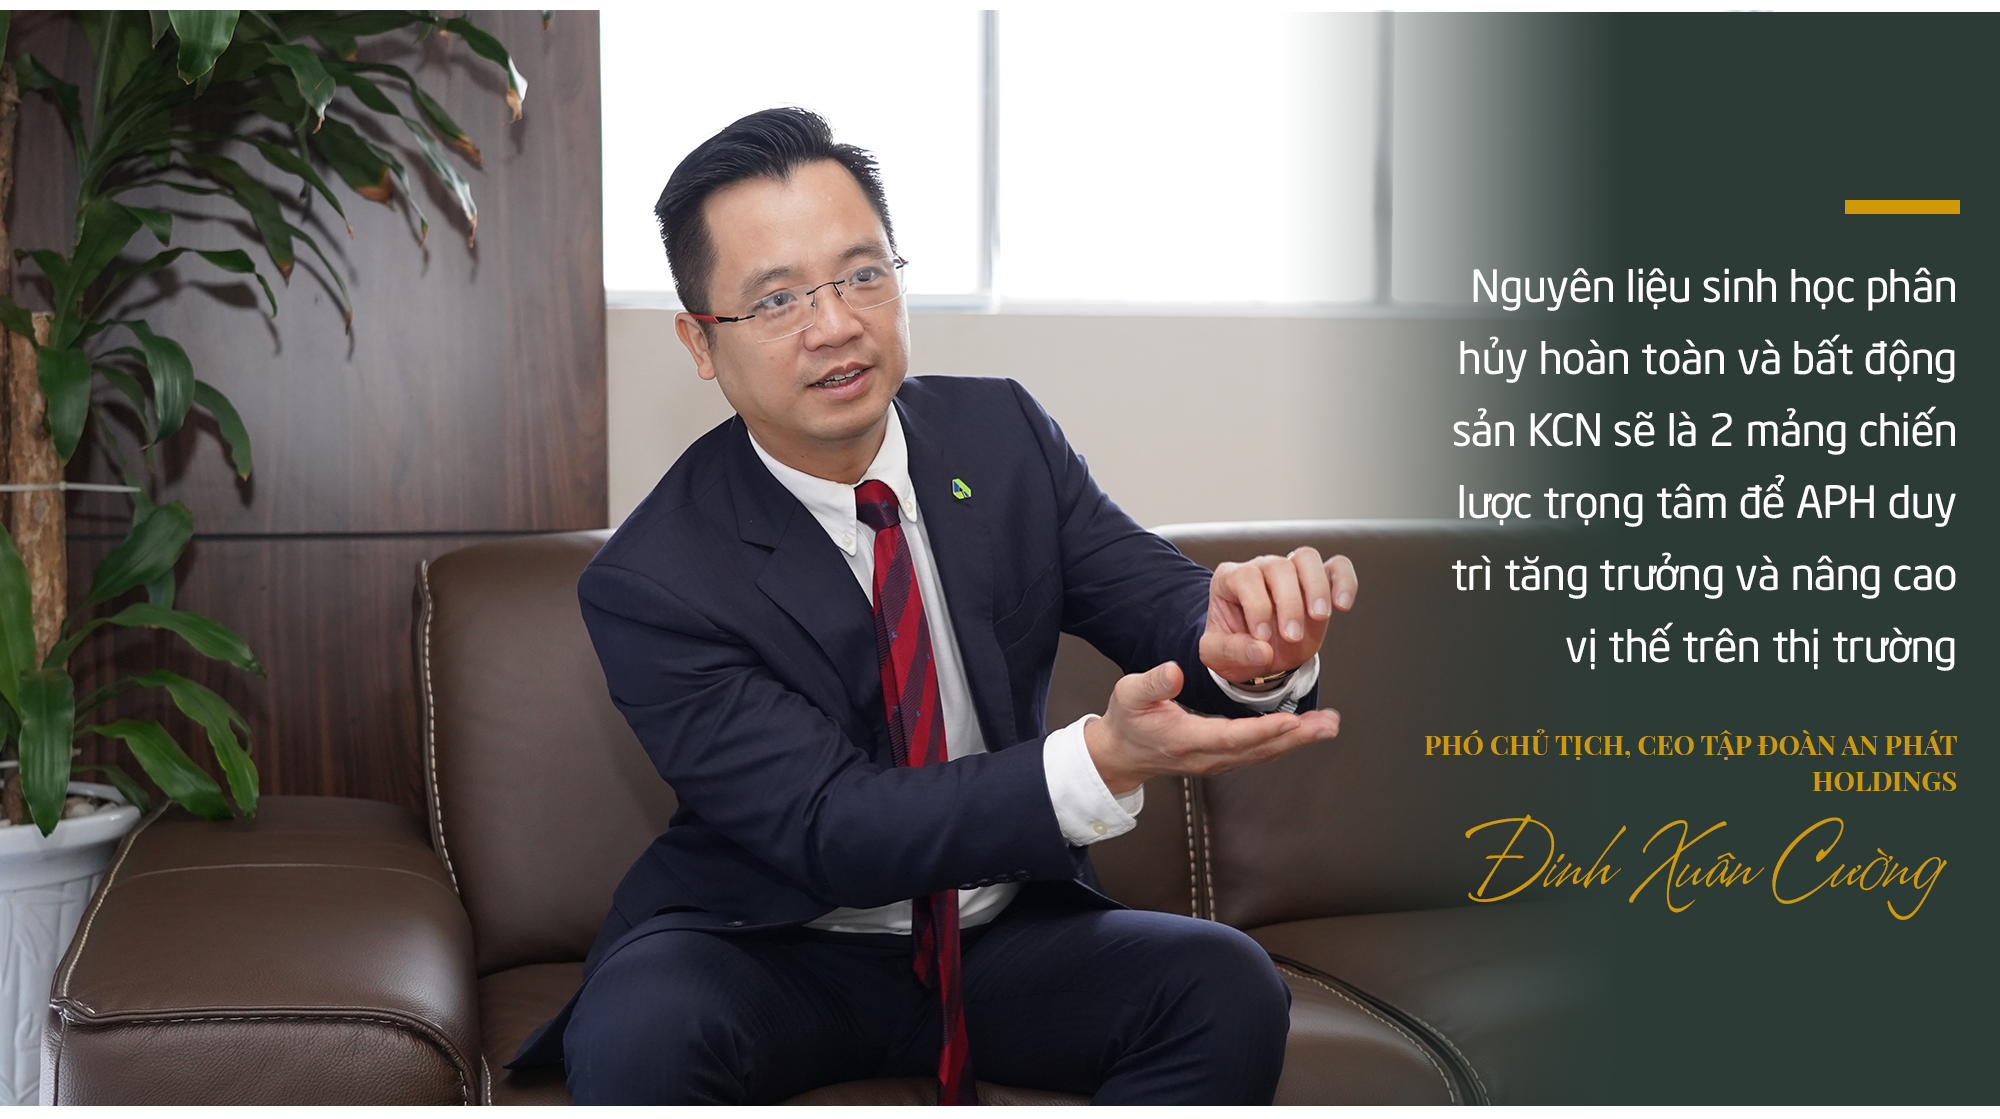 Việt Nam sắp có nhà máy nguyên liệu xanh lớn nhất Đông Nam Á: An Phát Holdings tham vọng gì? - Ảnh 8.